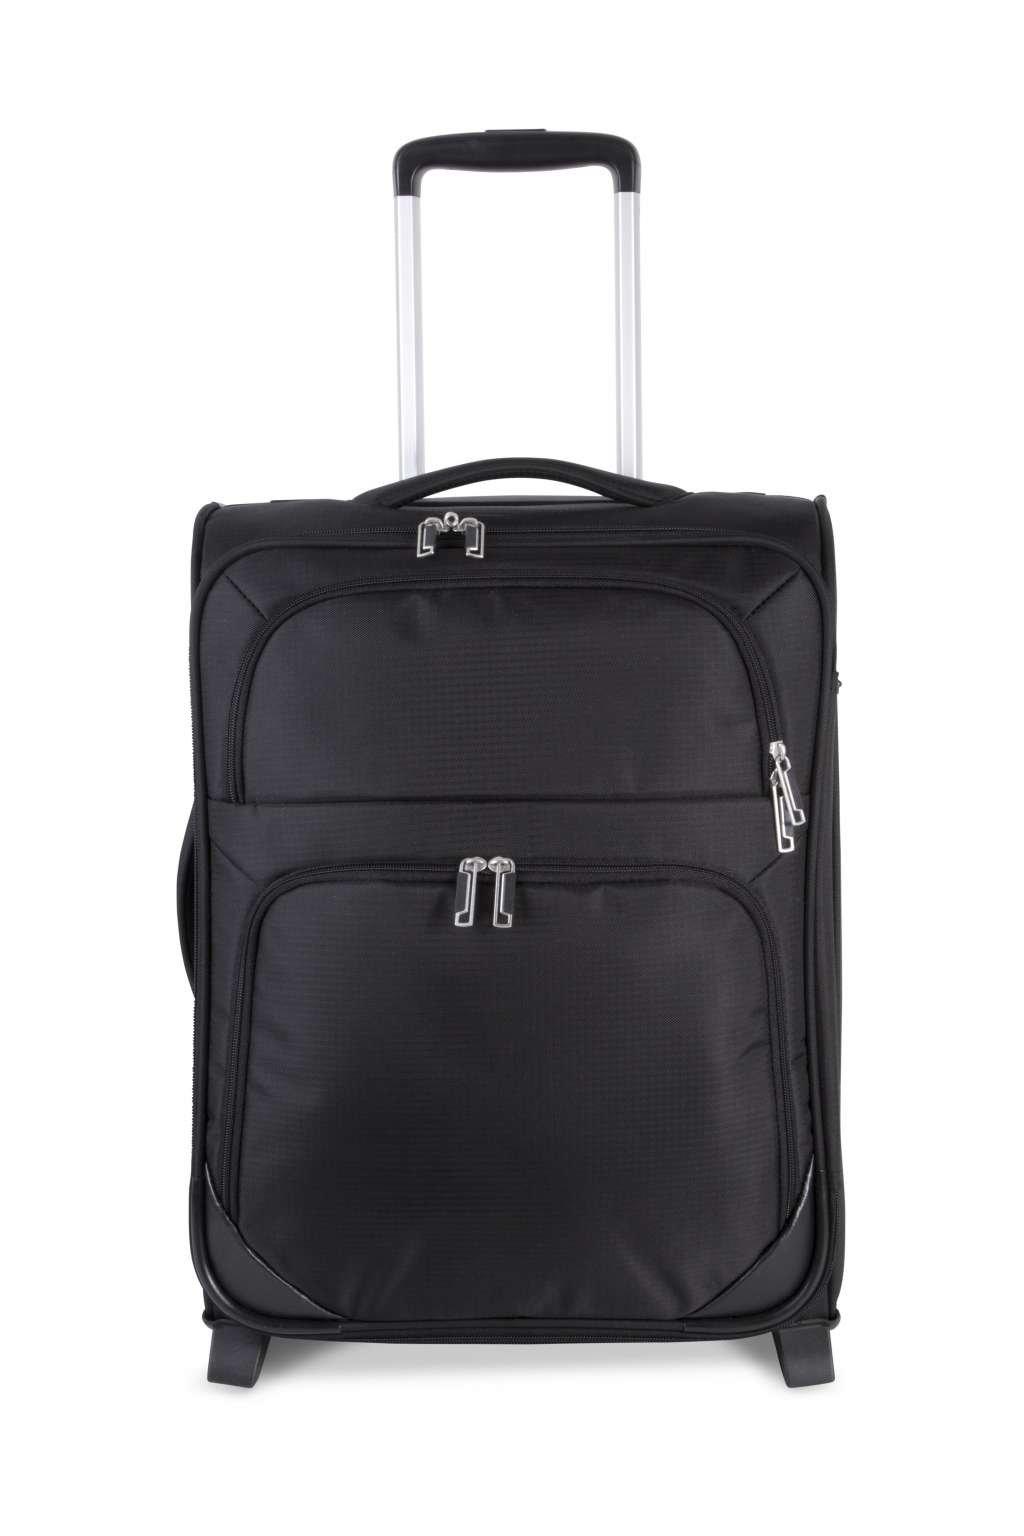 Palubní kufr se zesíleným dnem